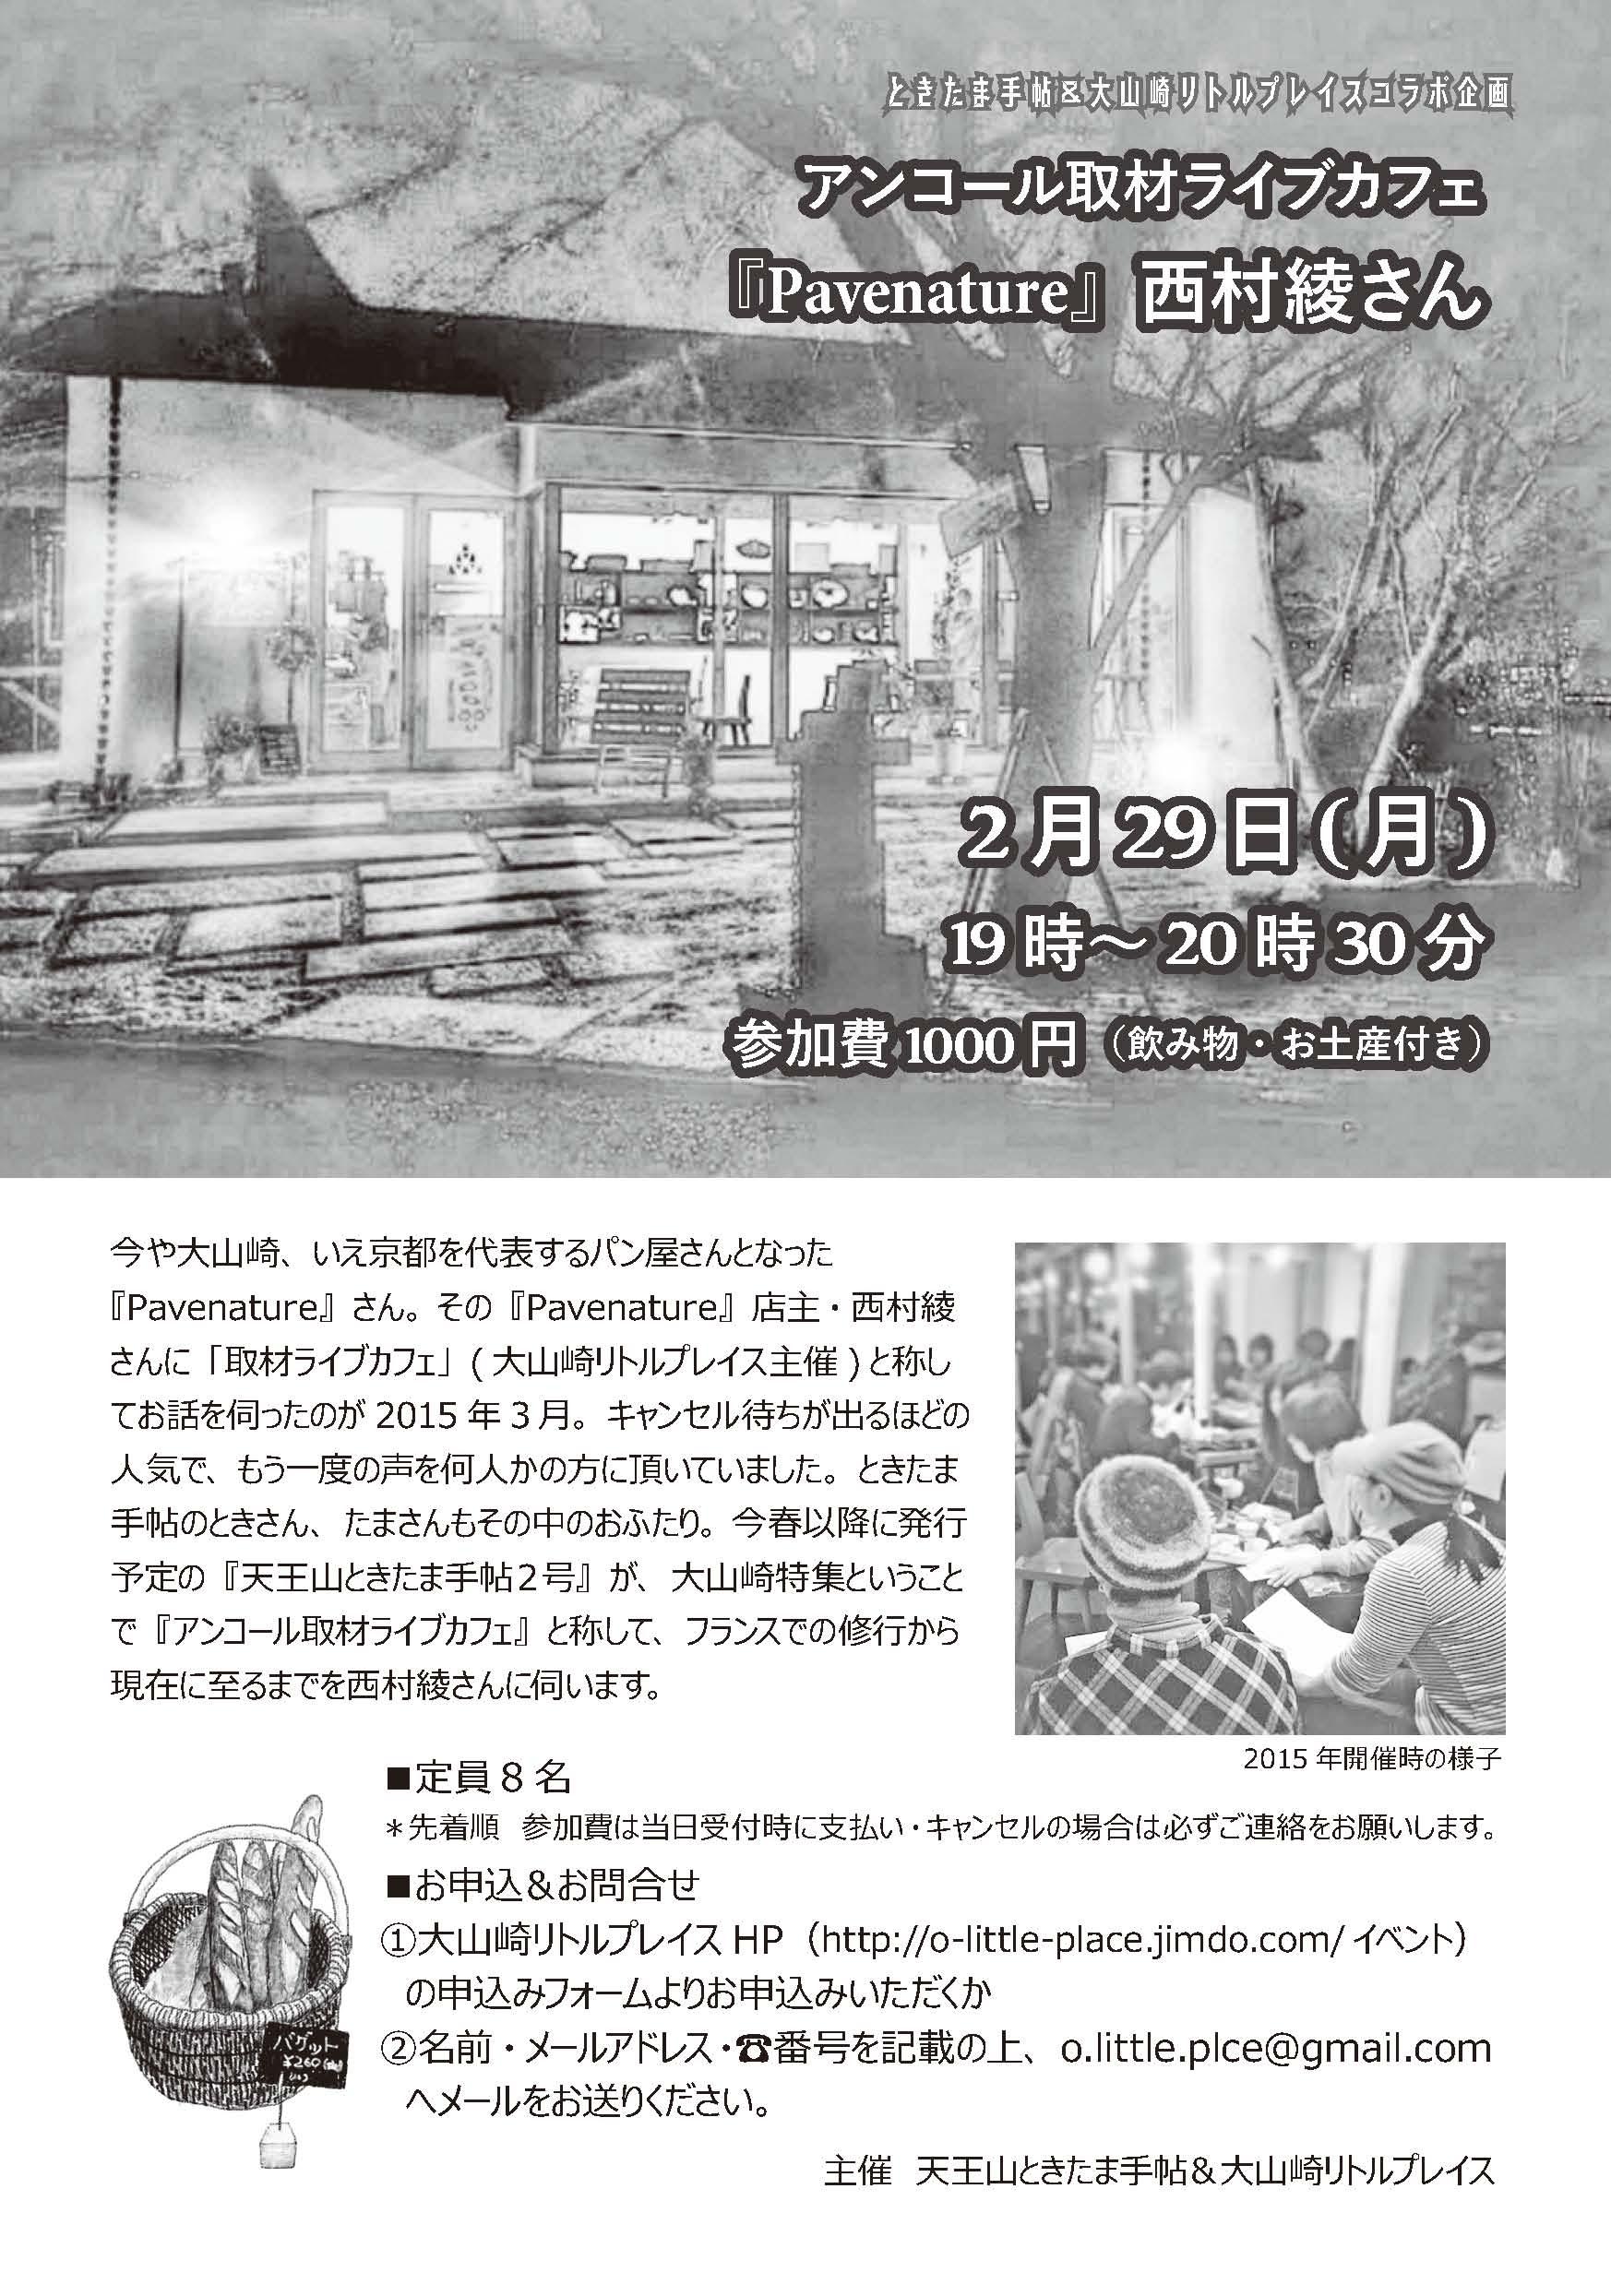 アンコール取材ライブカフェ 京都・大山崎で人気パン屋『Pavenature』店主・西村綾さん